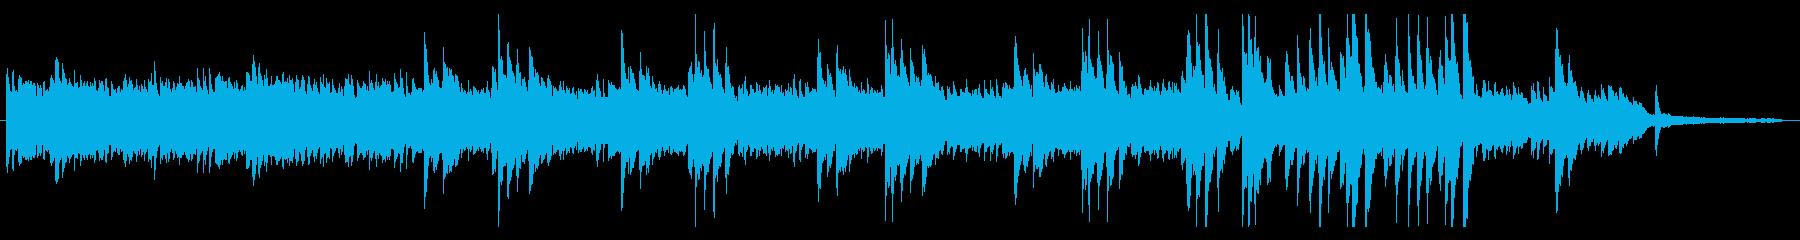 穏やかな曲調のアコースティックBGMの再生済みの波形